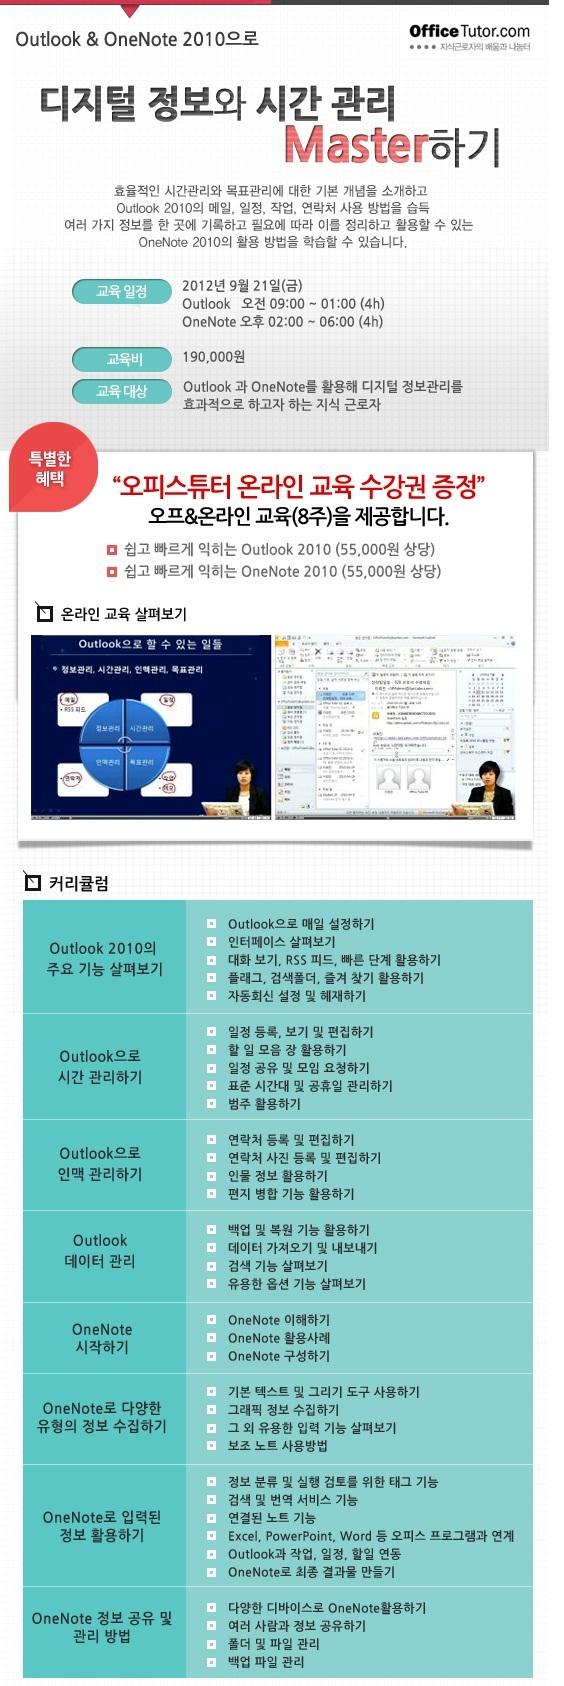 [교육] Ouklook&OneNote 2010으로 디지털 정보와 시간관리 Master하기 (9/21)